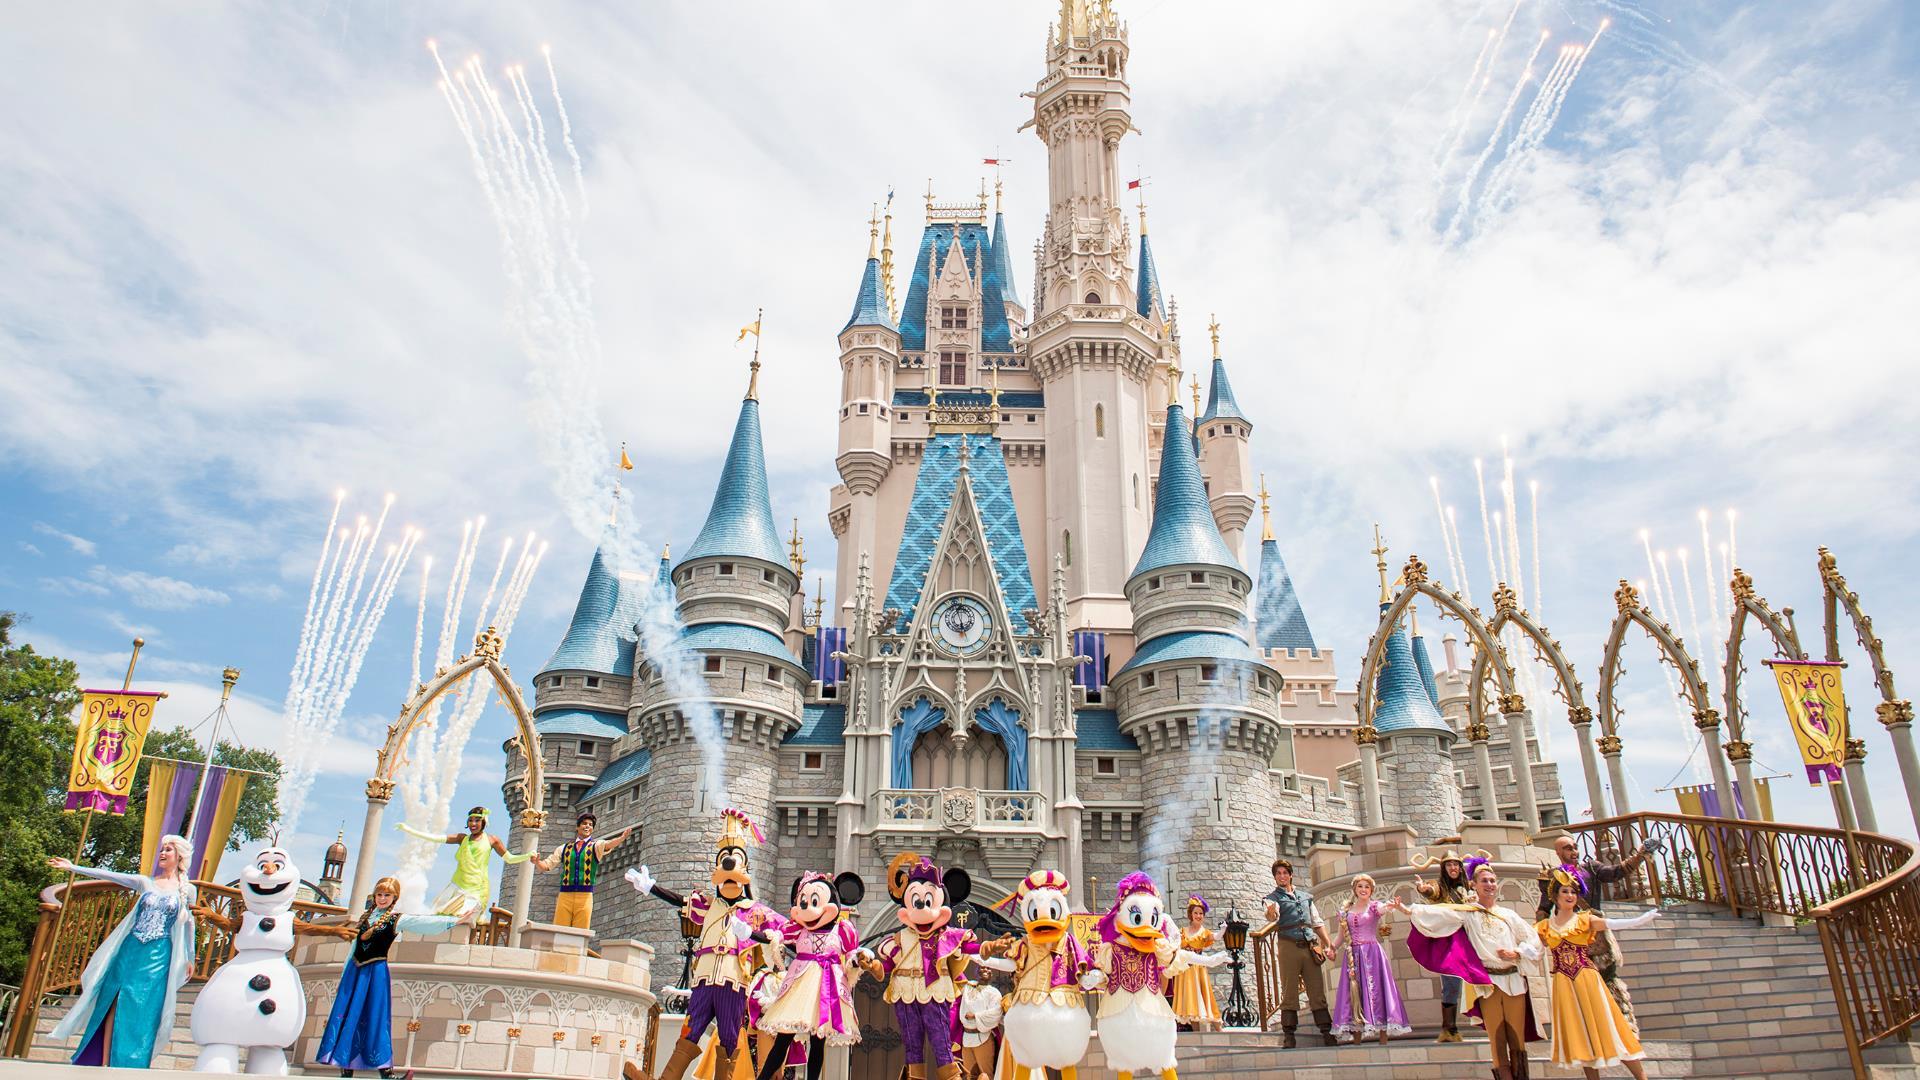 Hay una nueva forma de comprar tickets en Disney World. ¿Más barato o más caro?